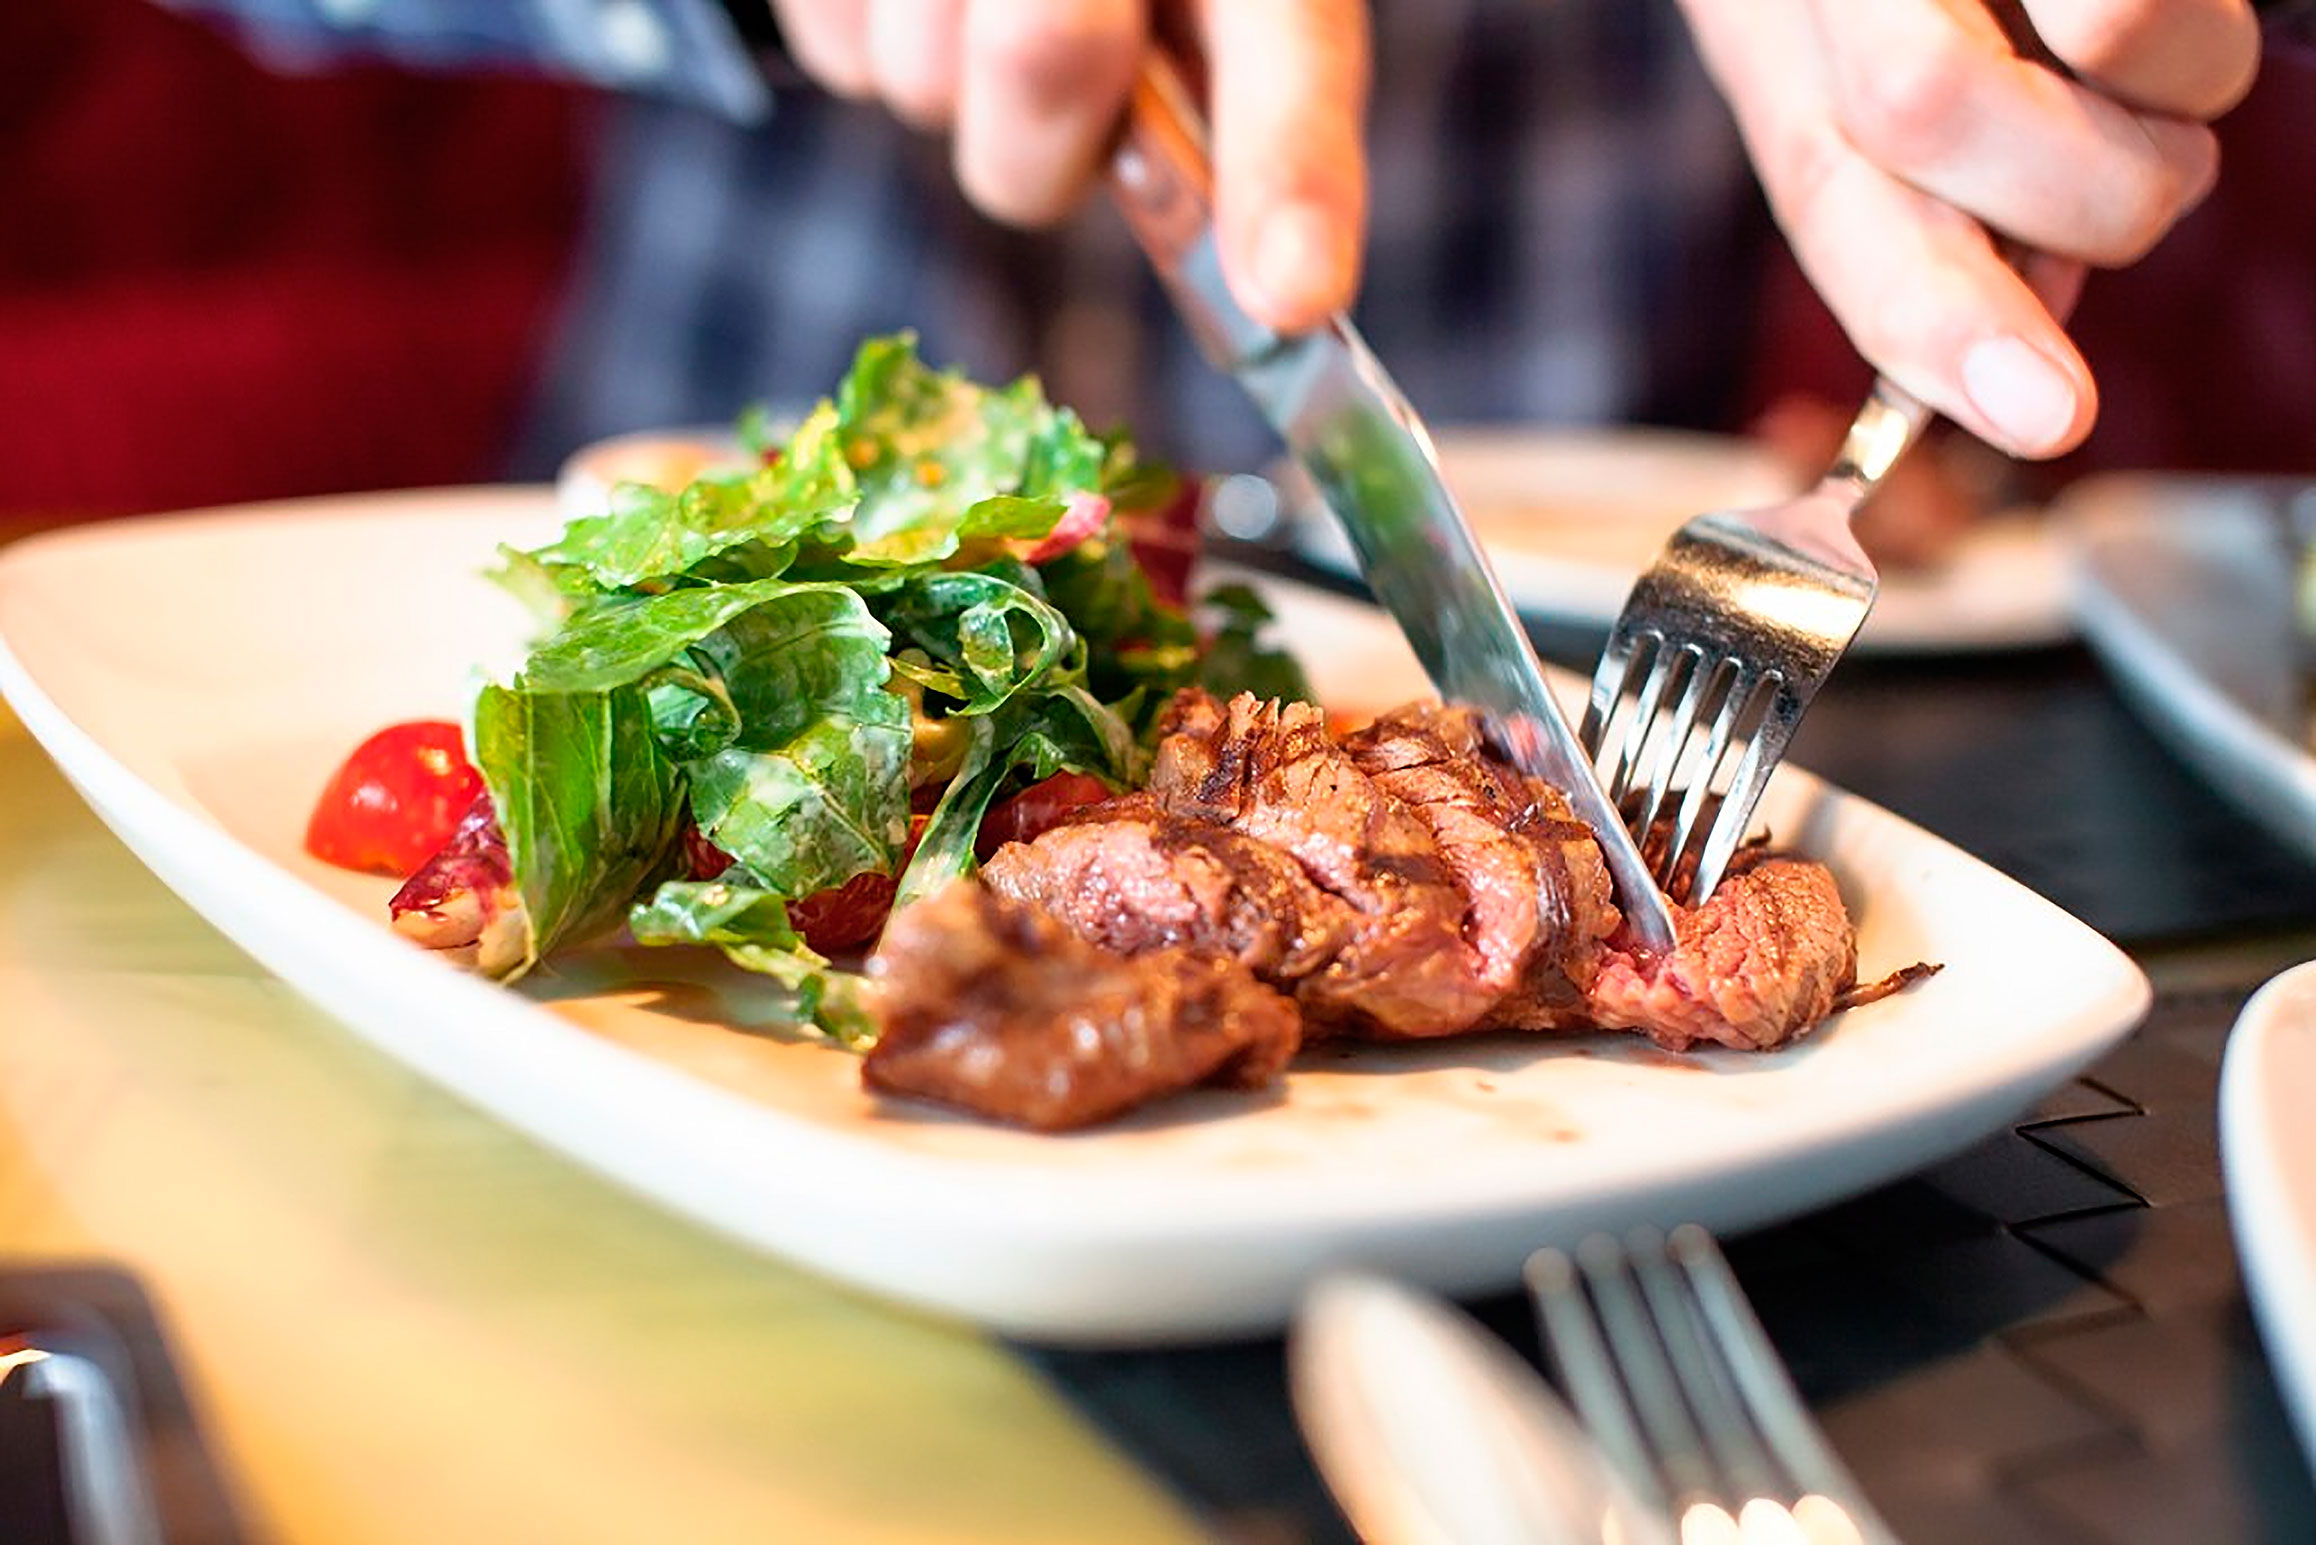 No hay que temerle a la carne si se consume moderadamente